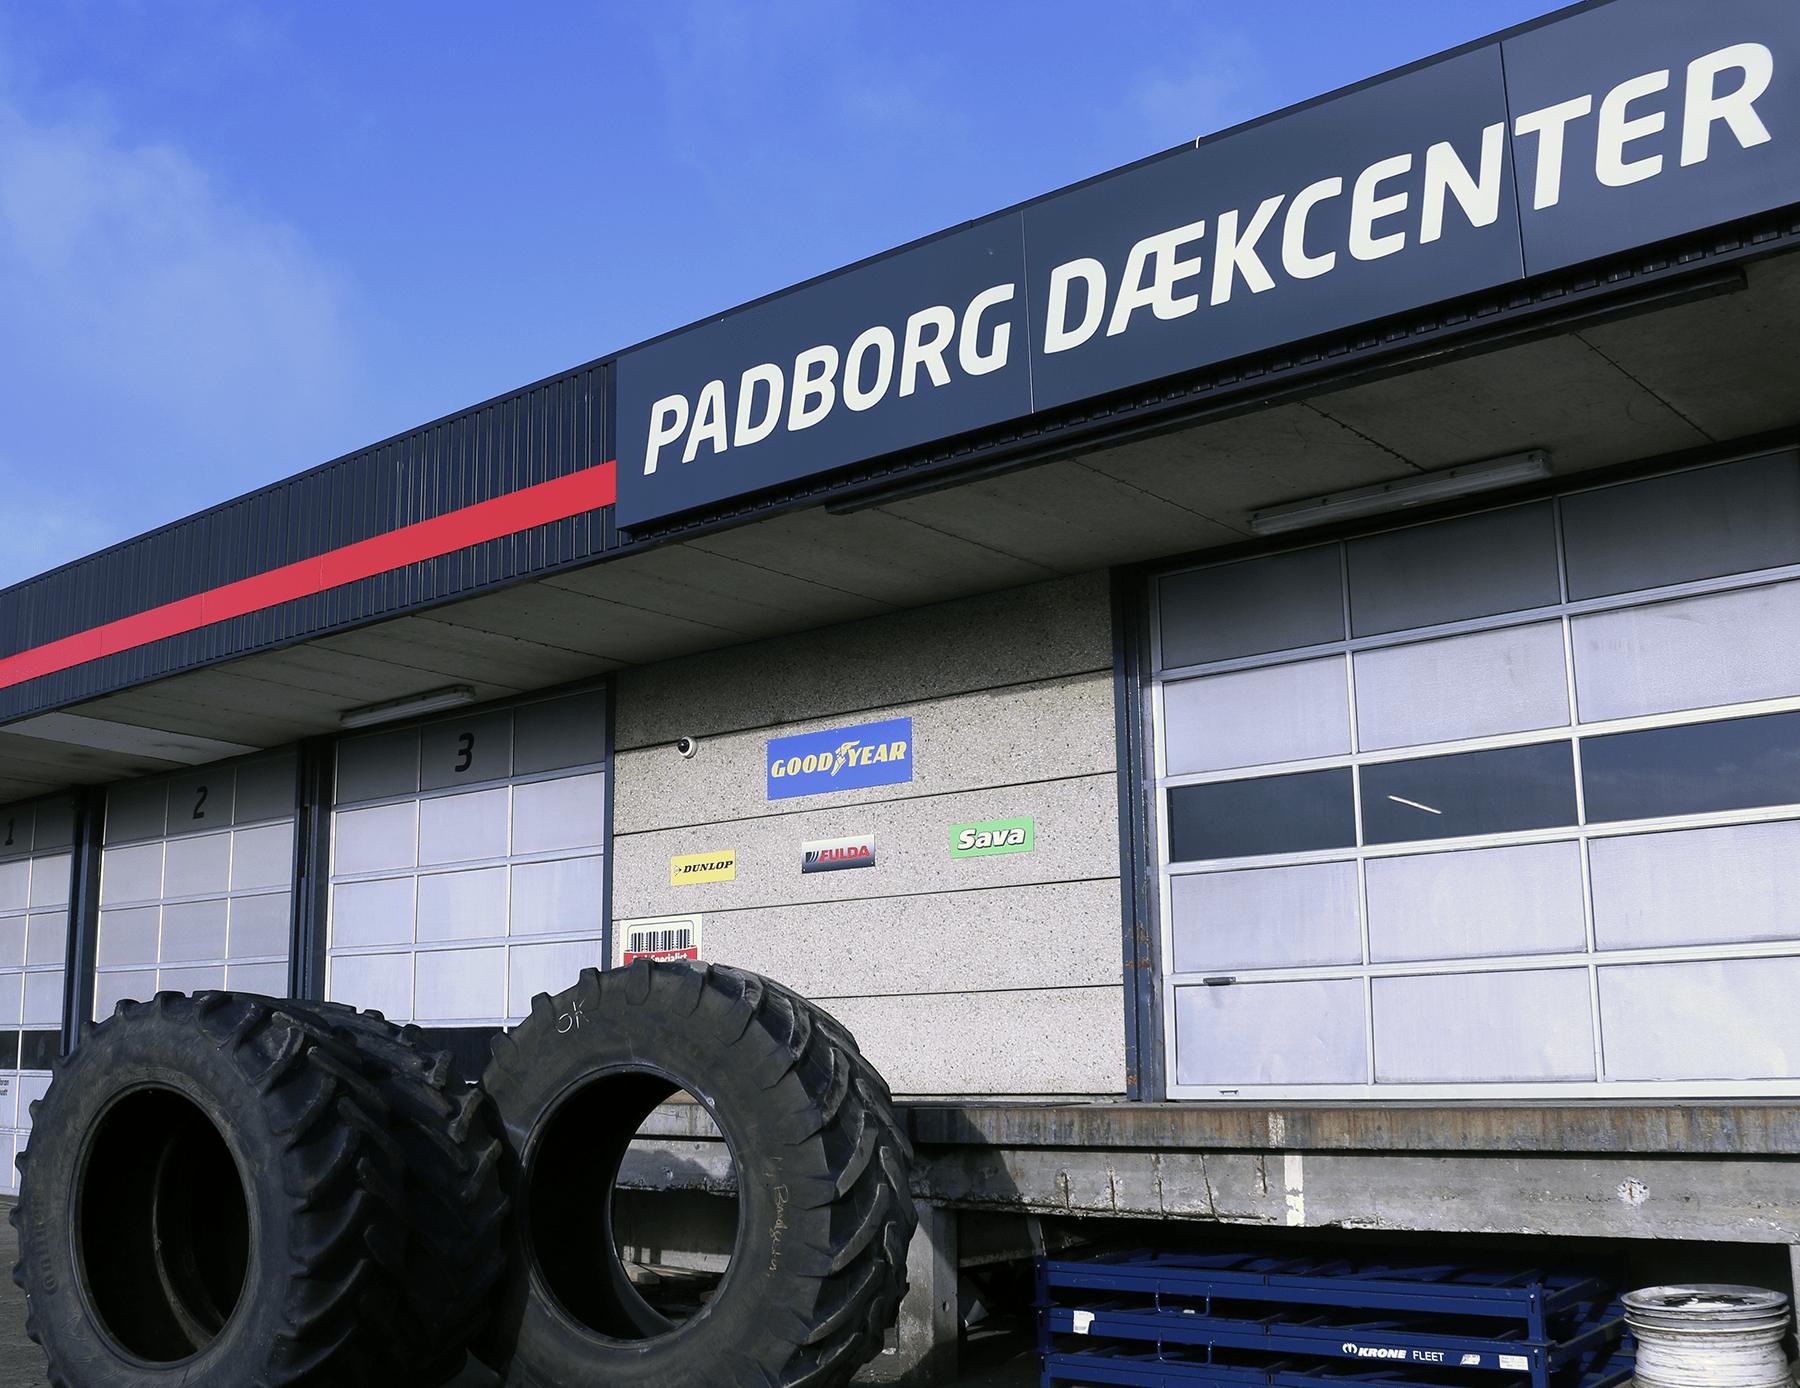 Padborg Dækcenter Firststop